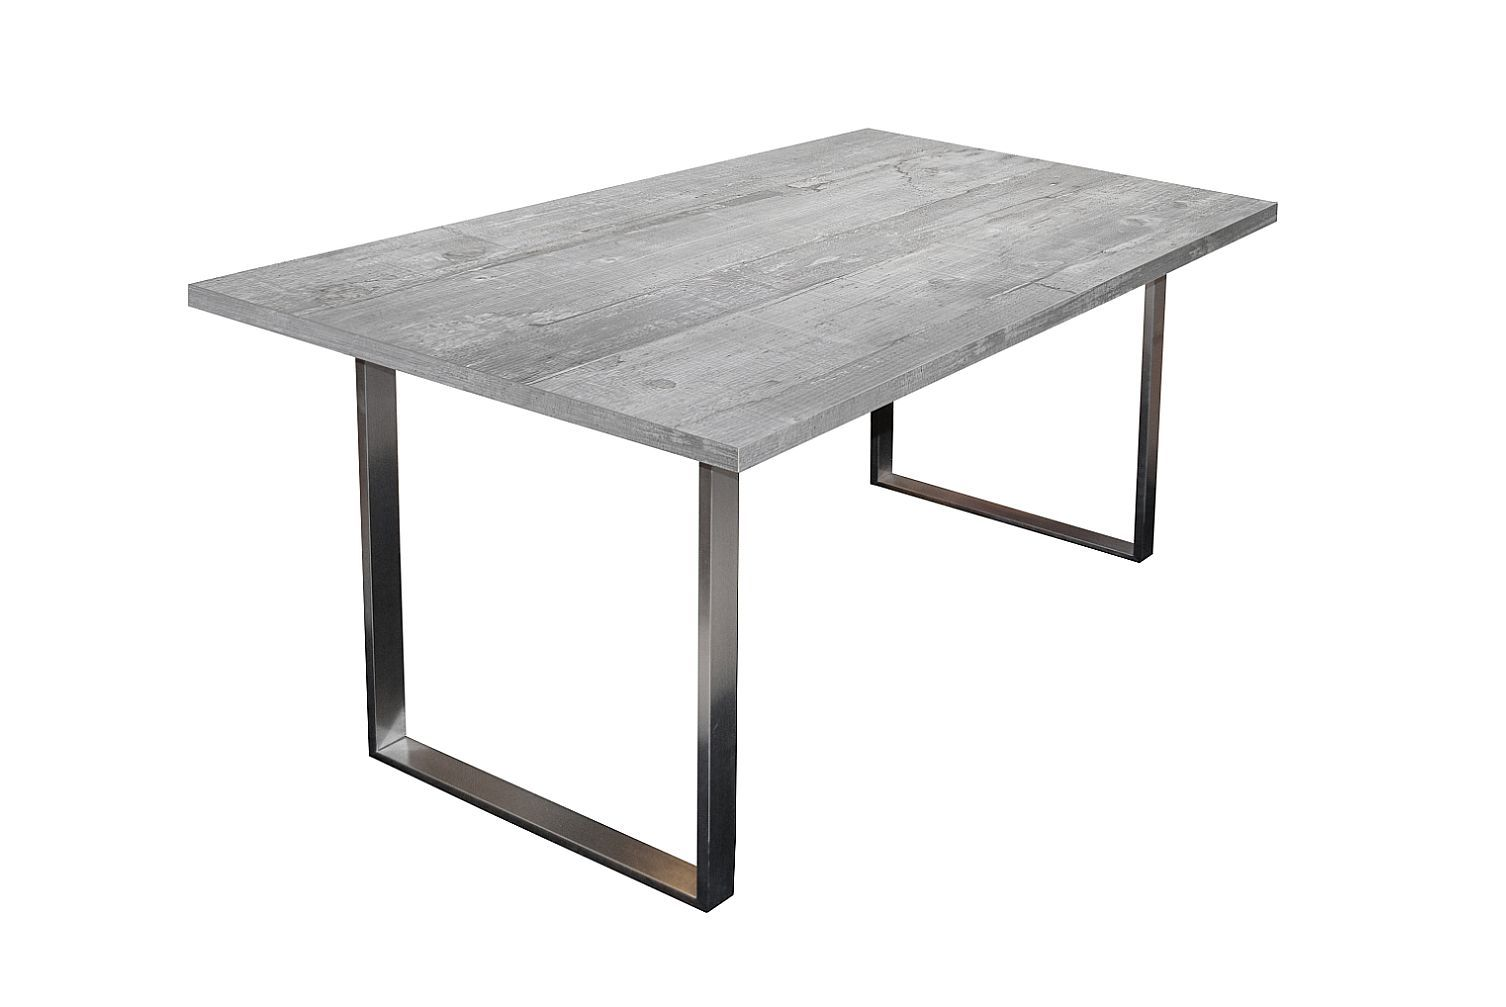 Steel Esstisch 0546/180-90 beton